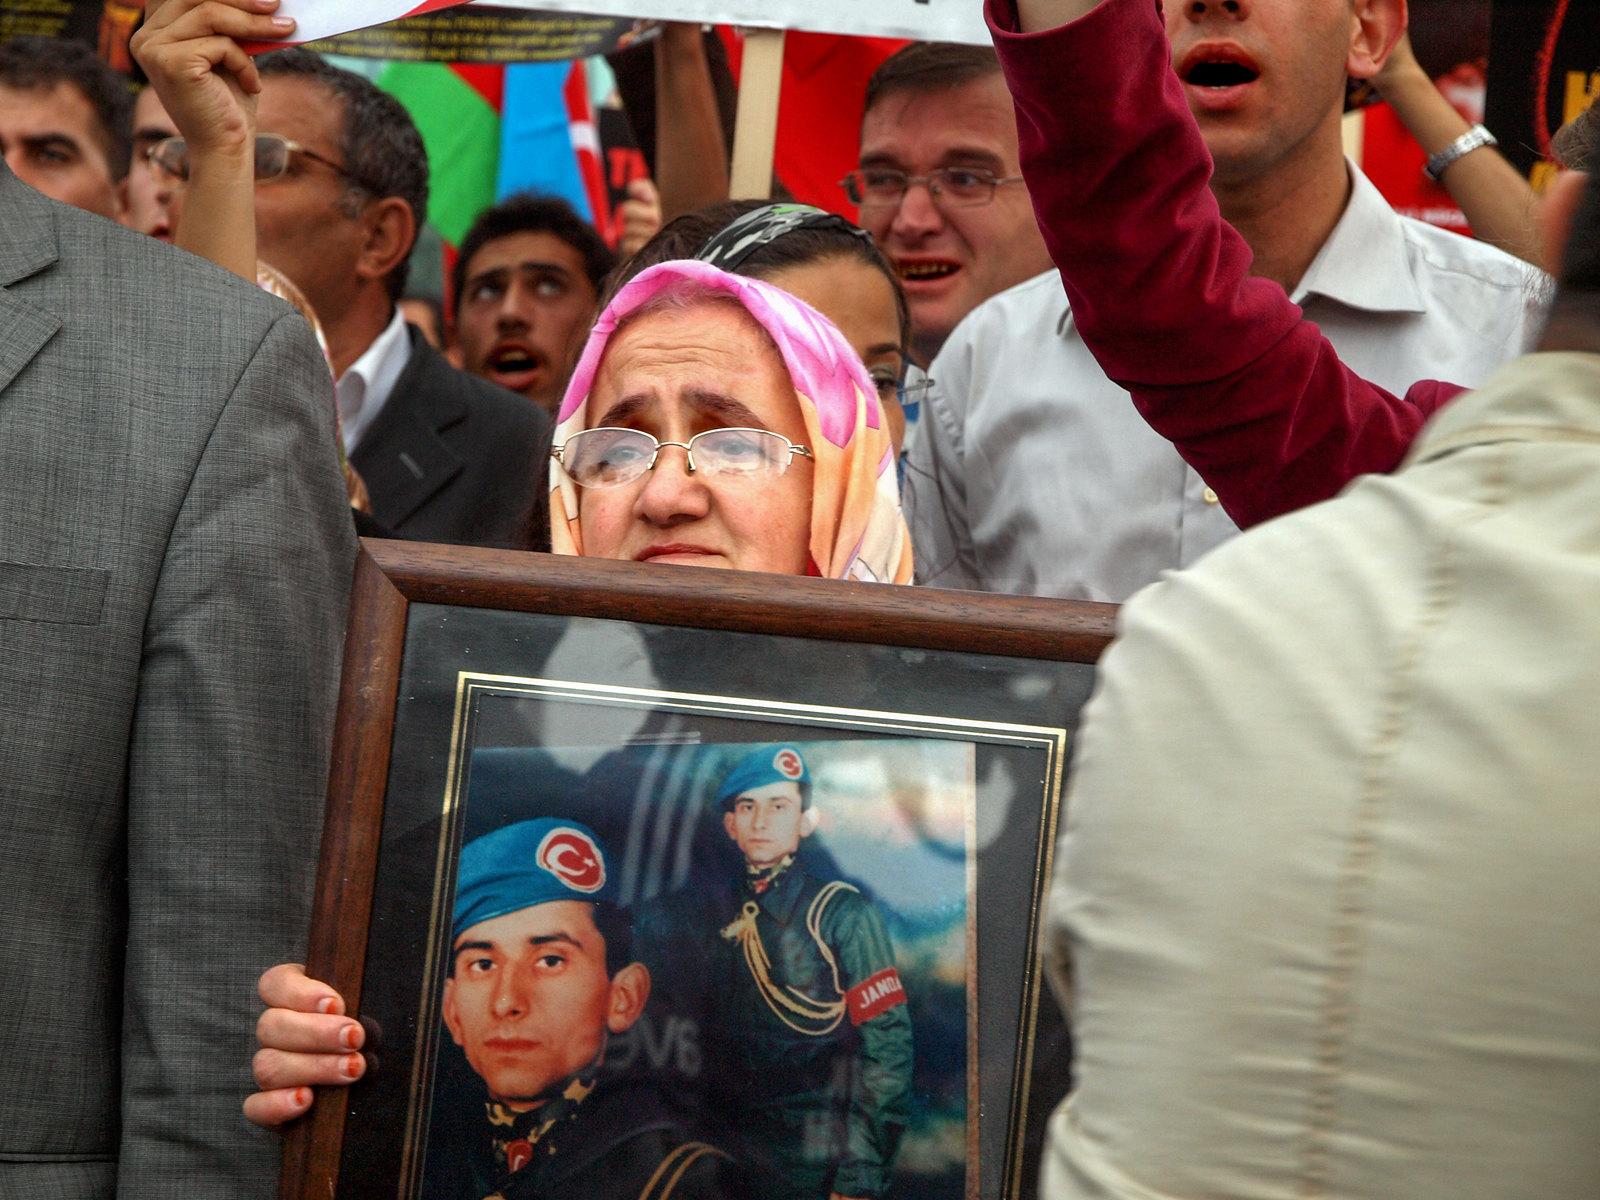 Portraits d'Istanbul - les manifestants kurdes